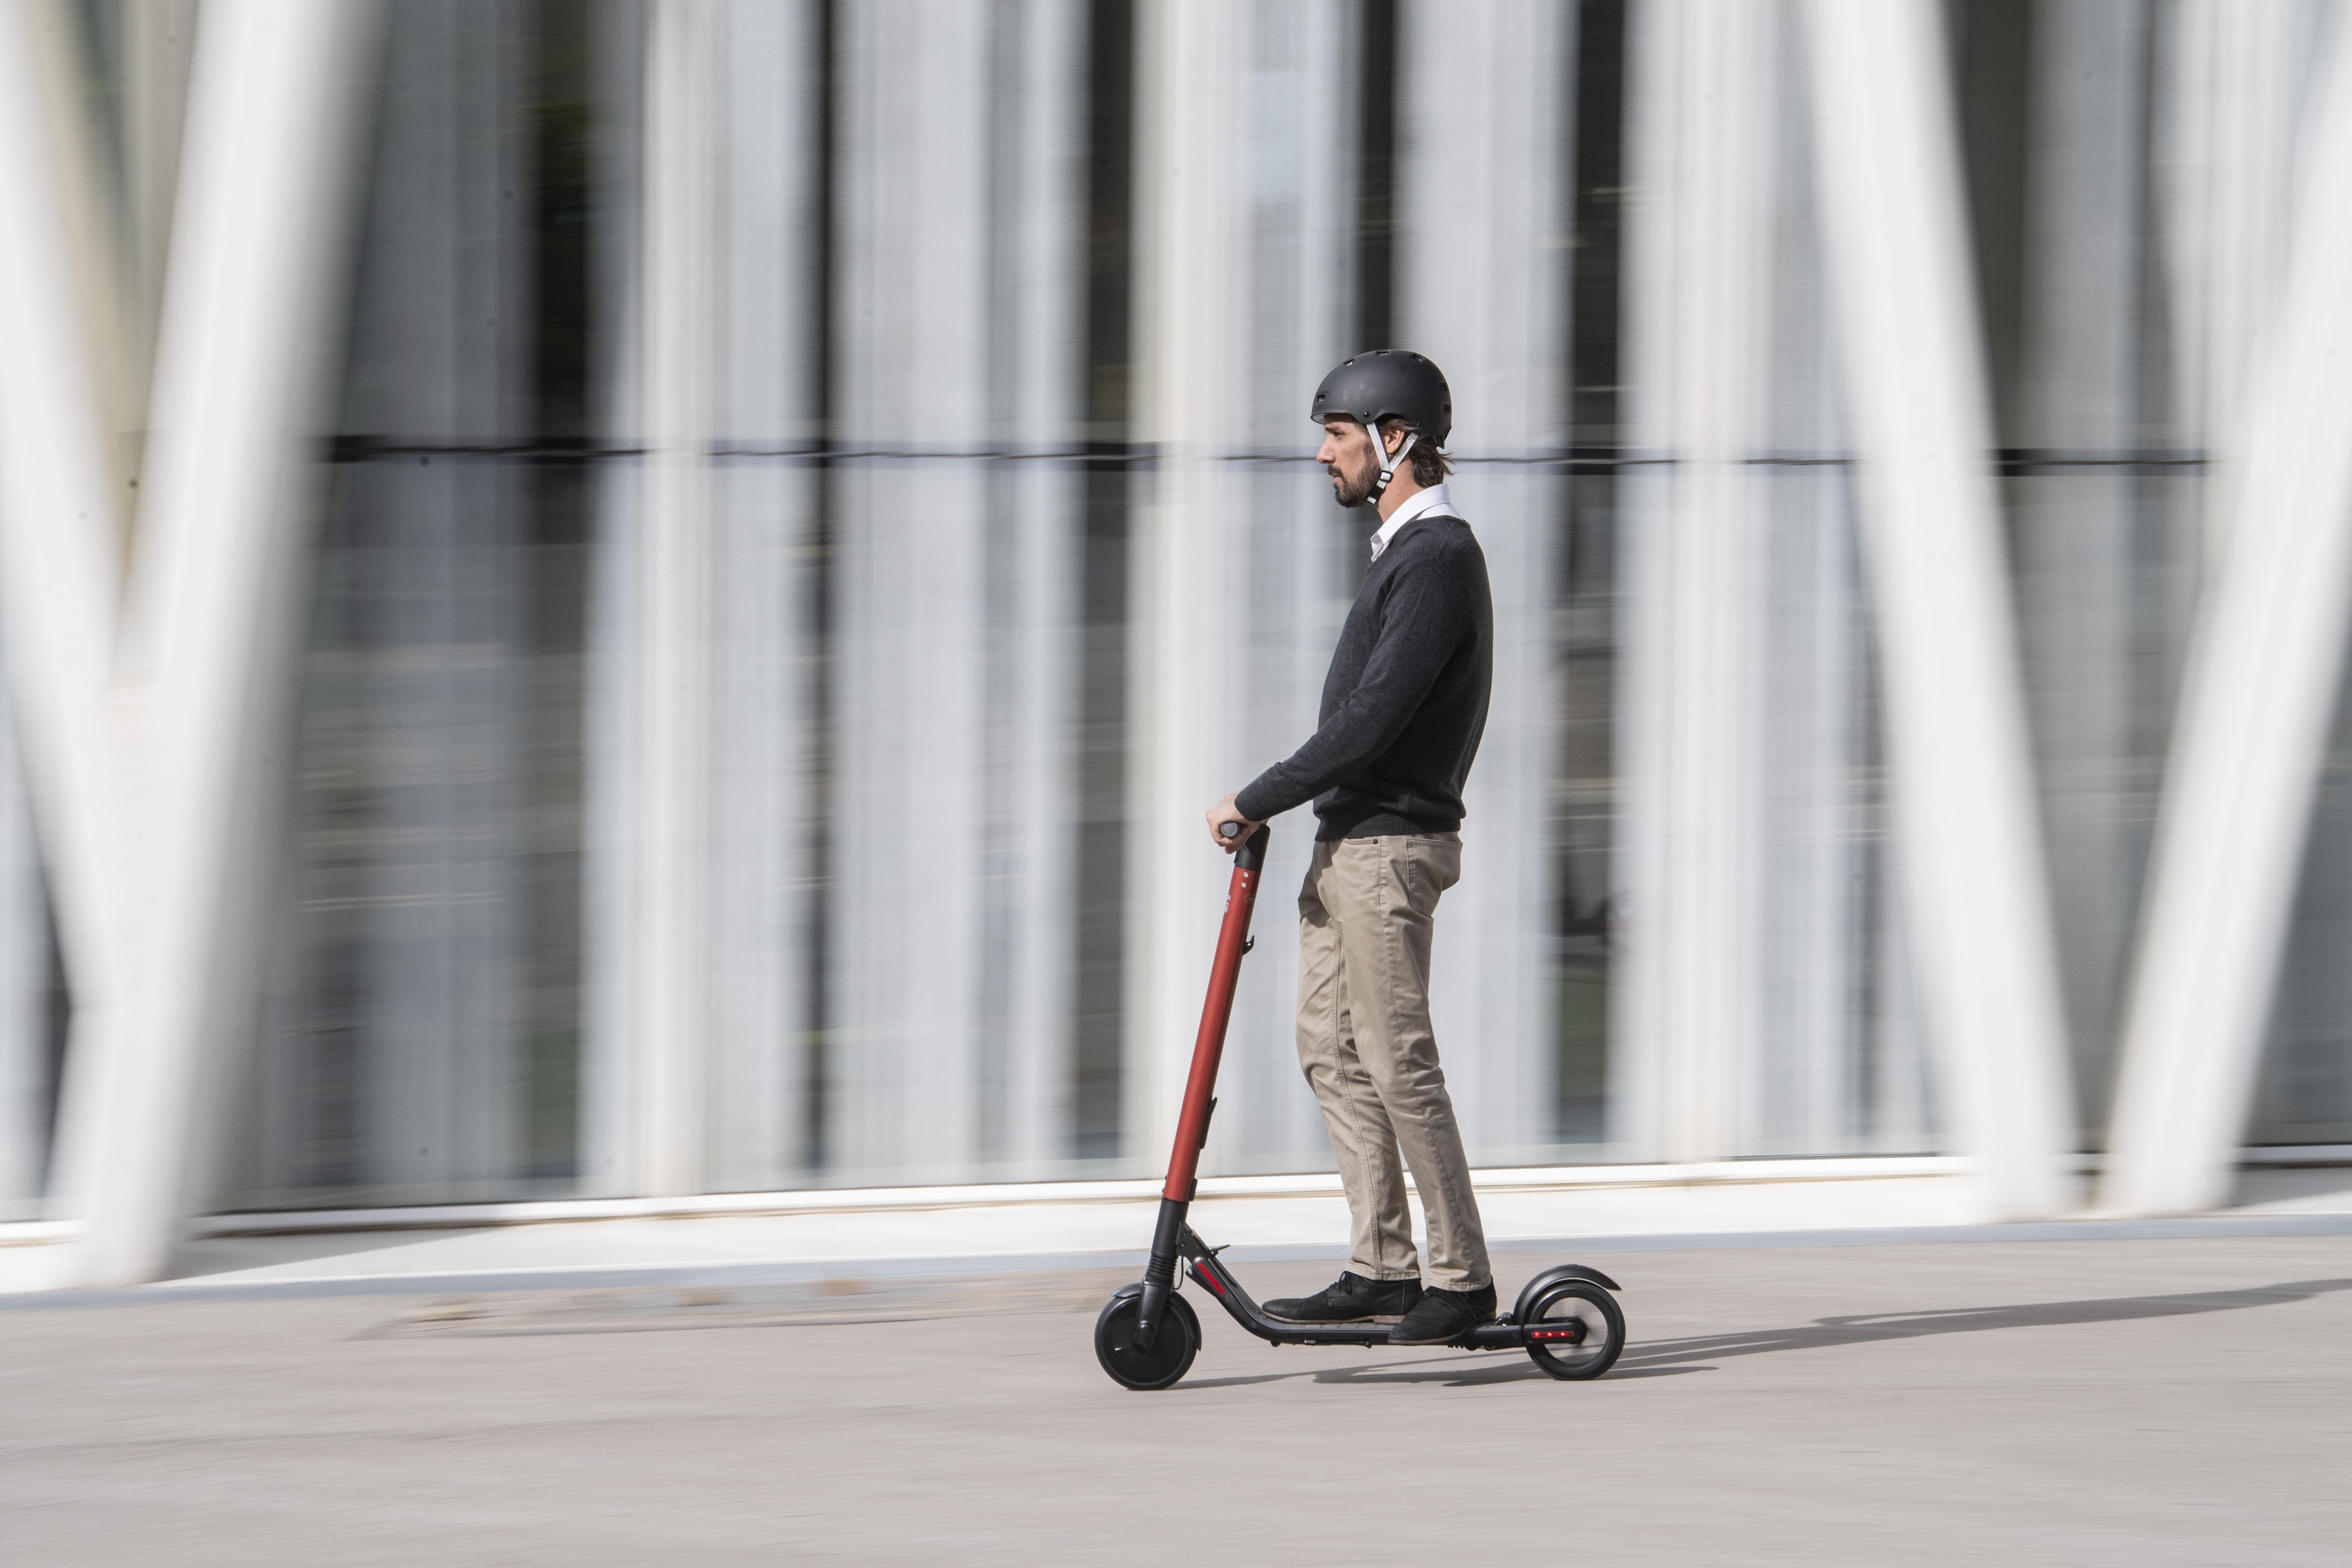 El nuevo modelo de Seat es un patinete eléctrico